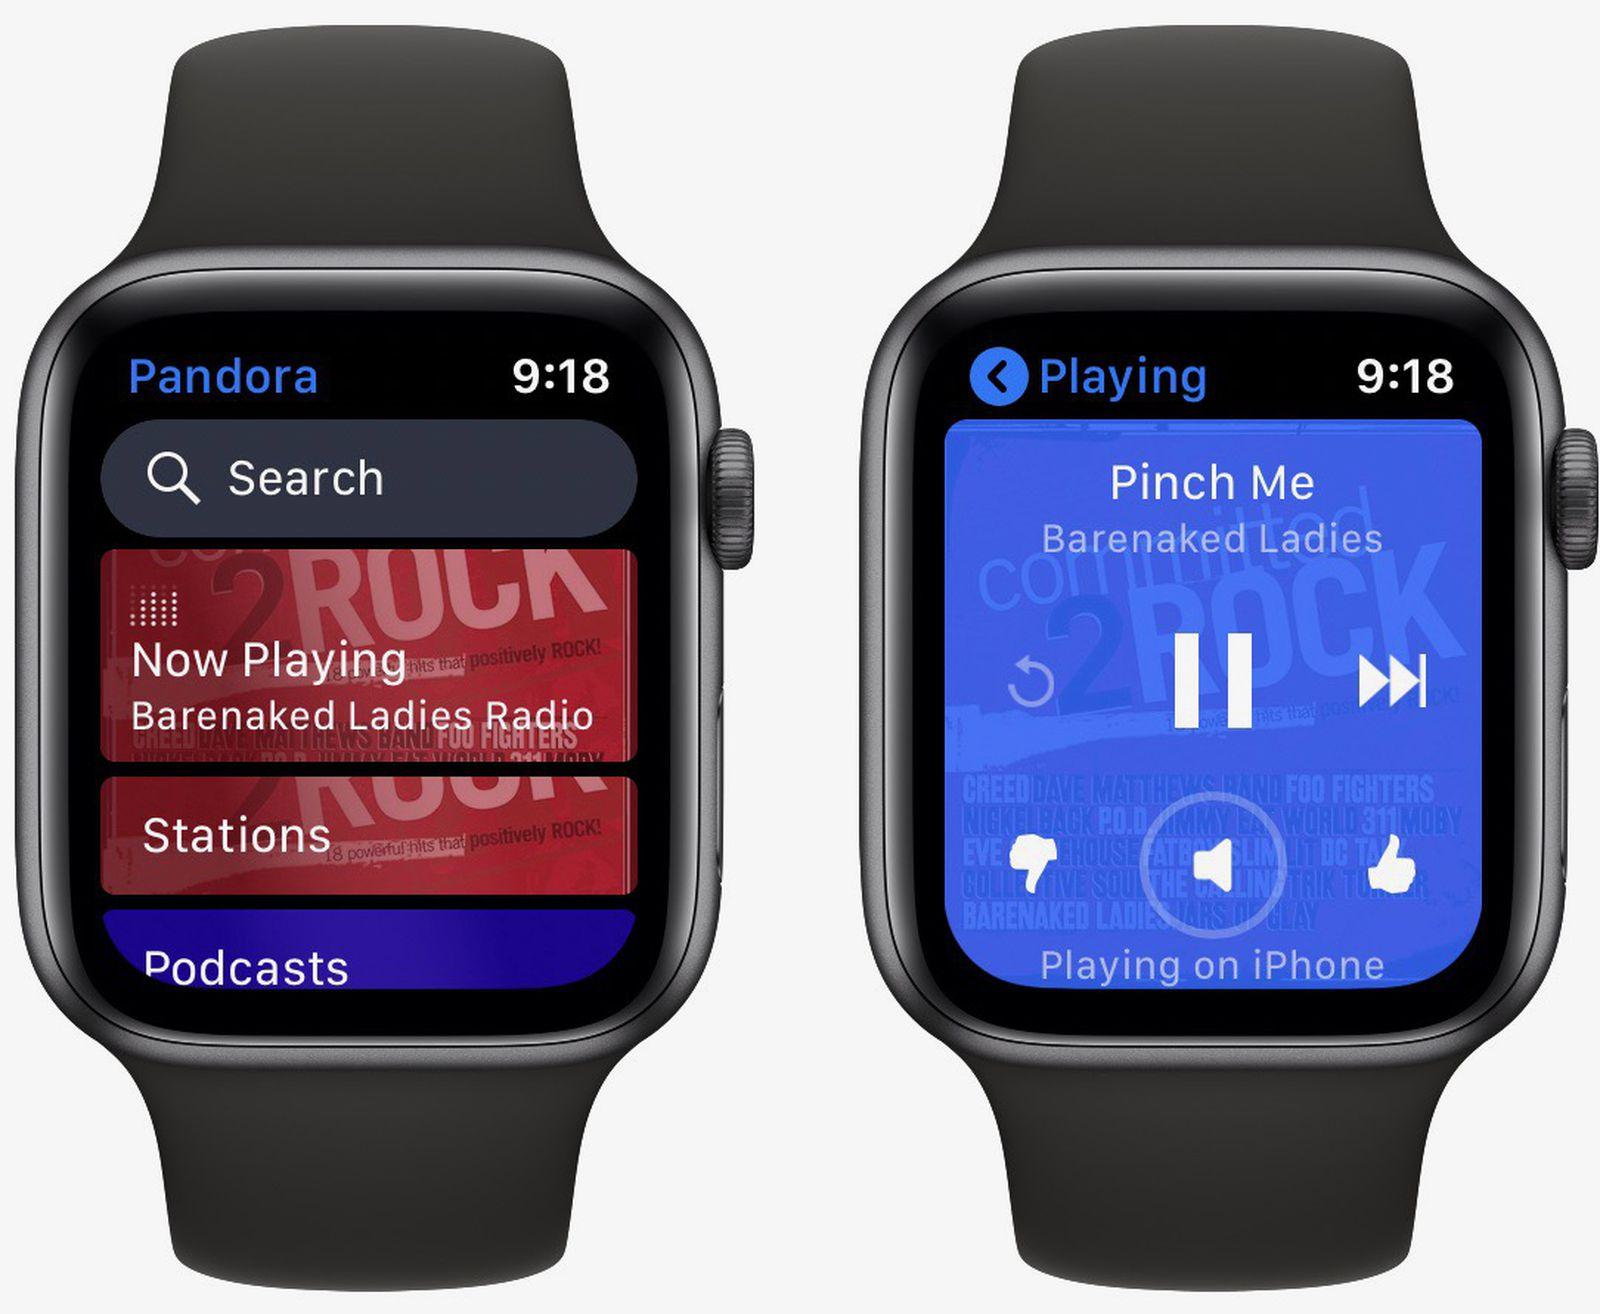 Pandora představuje samostatnou aplikaci Apple Watch, streamování hudby a podcasty bez nutnosti iPhone